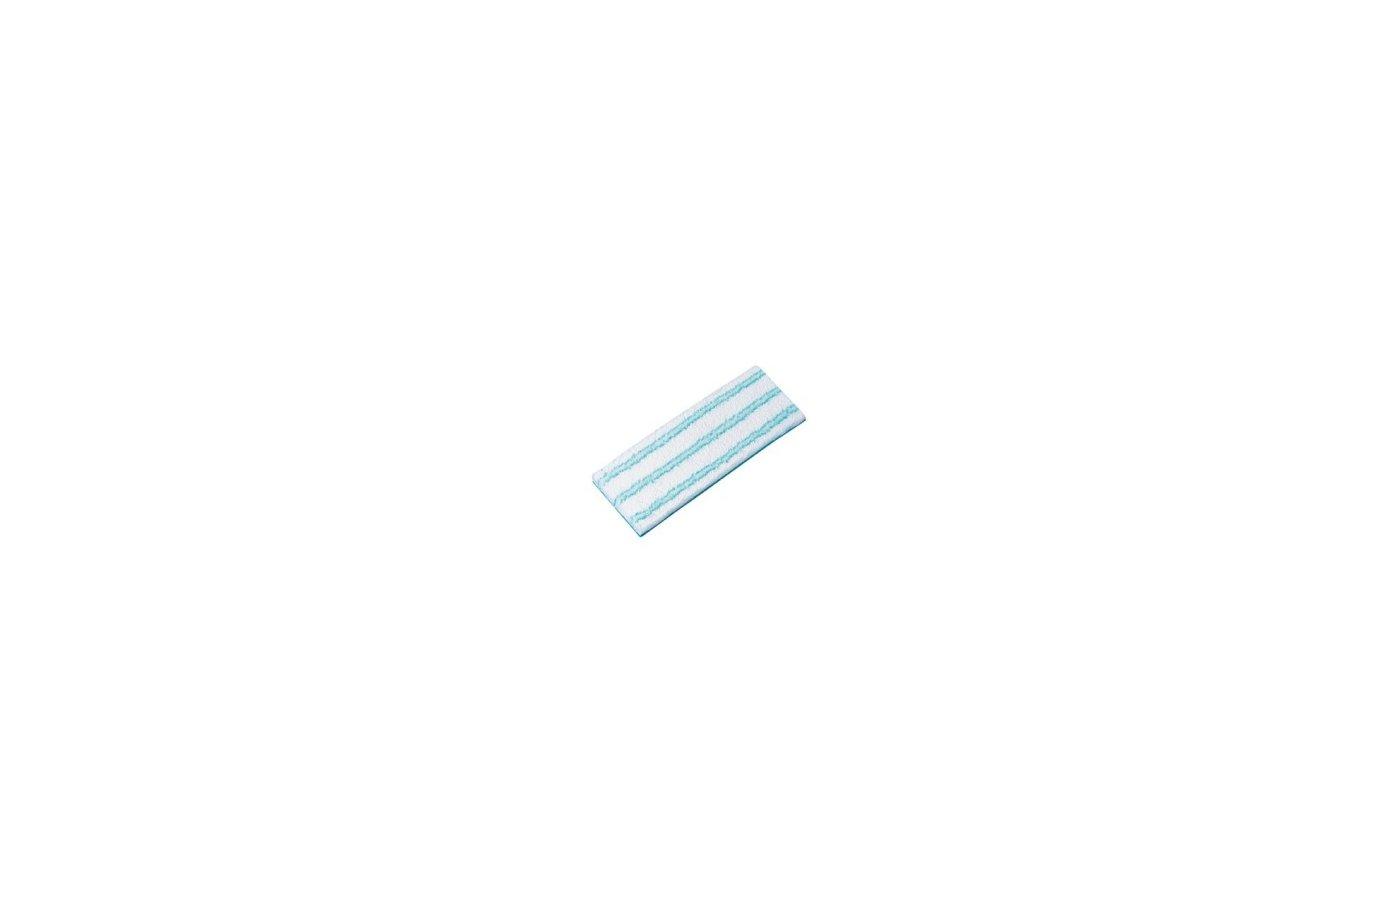 Инвентарь для уборки LEIFHEIT Убор PICOBELLO Зап.насад XL д/5655 56613